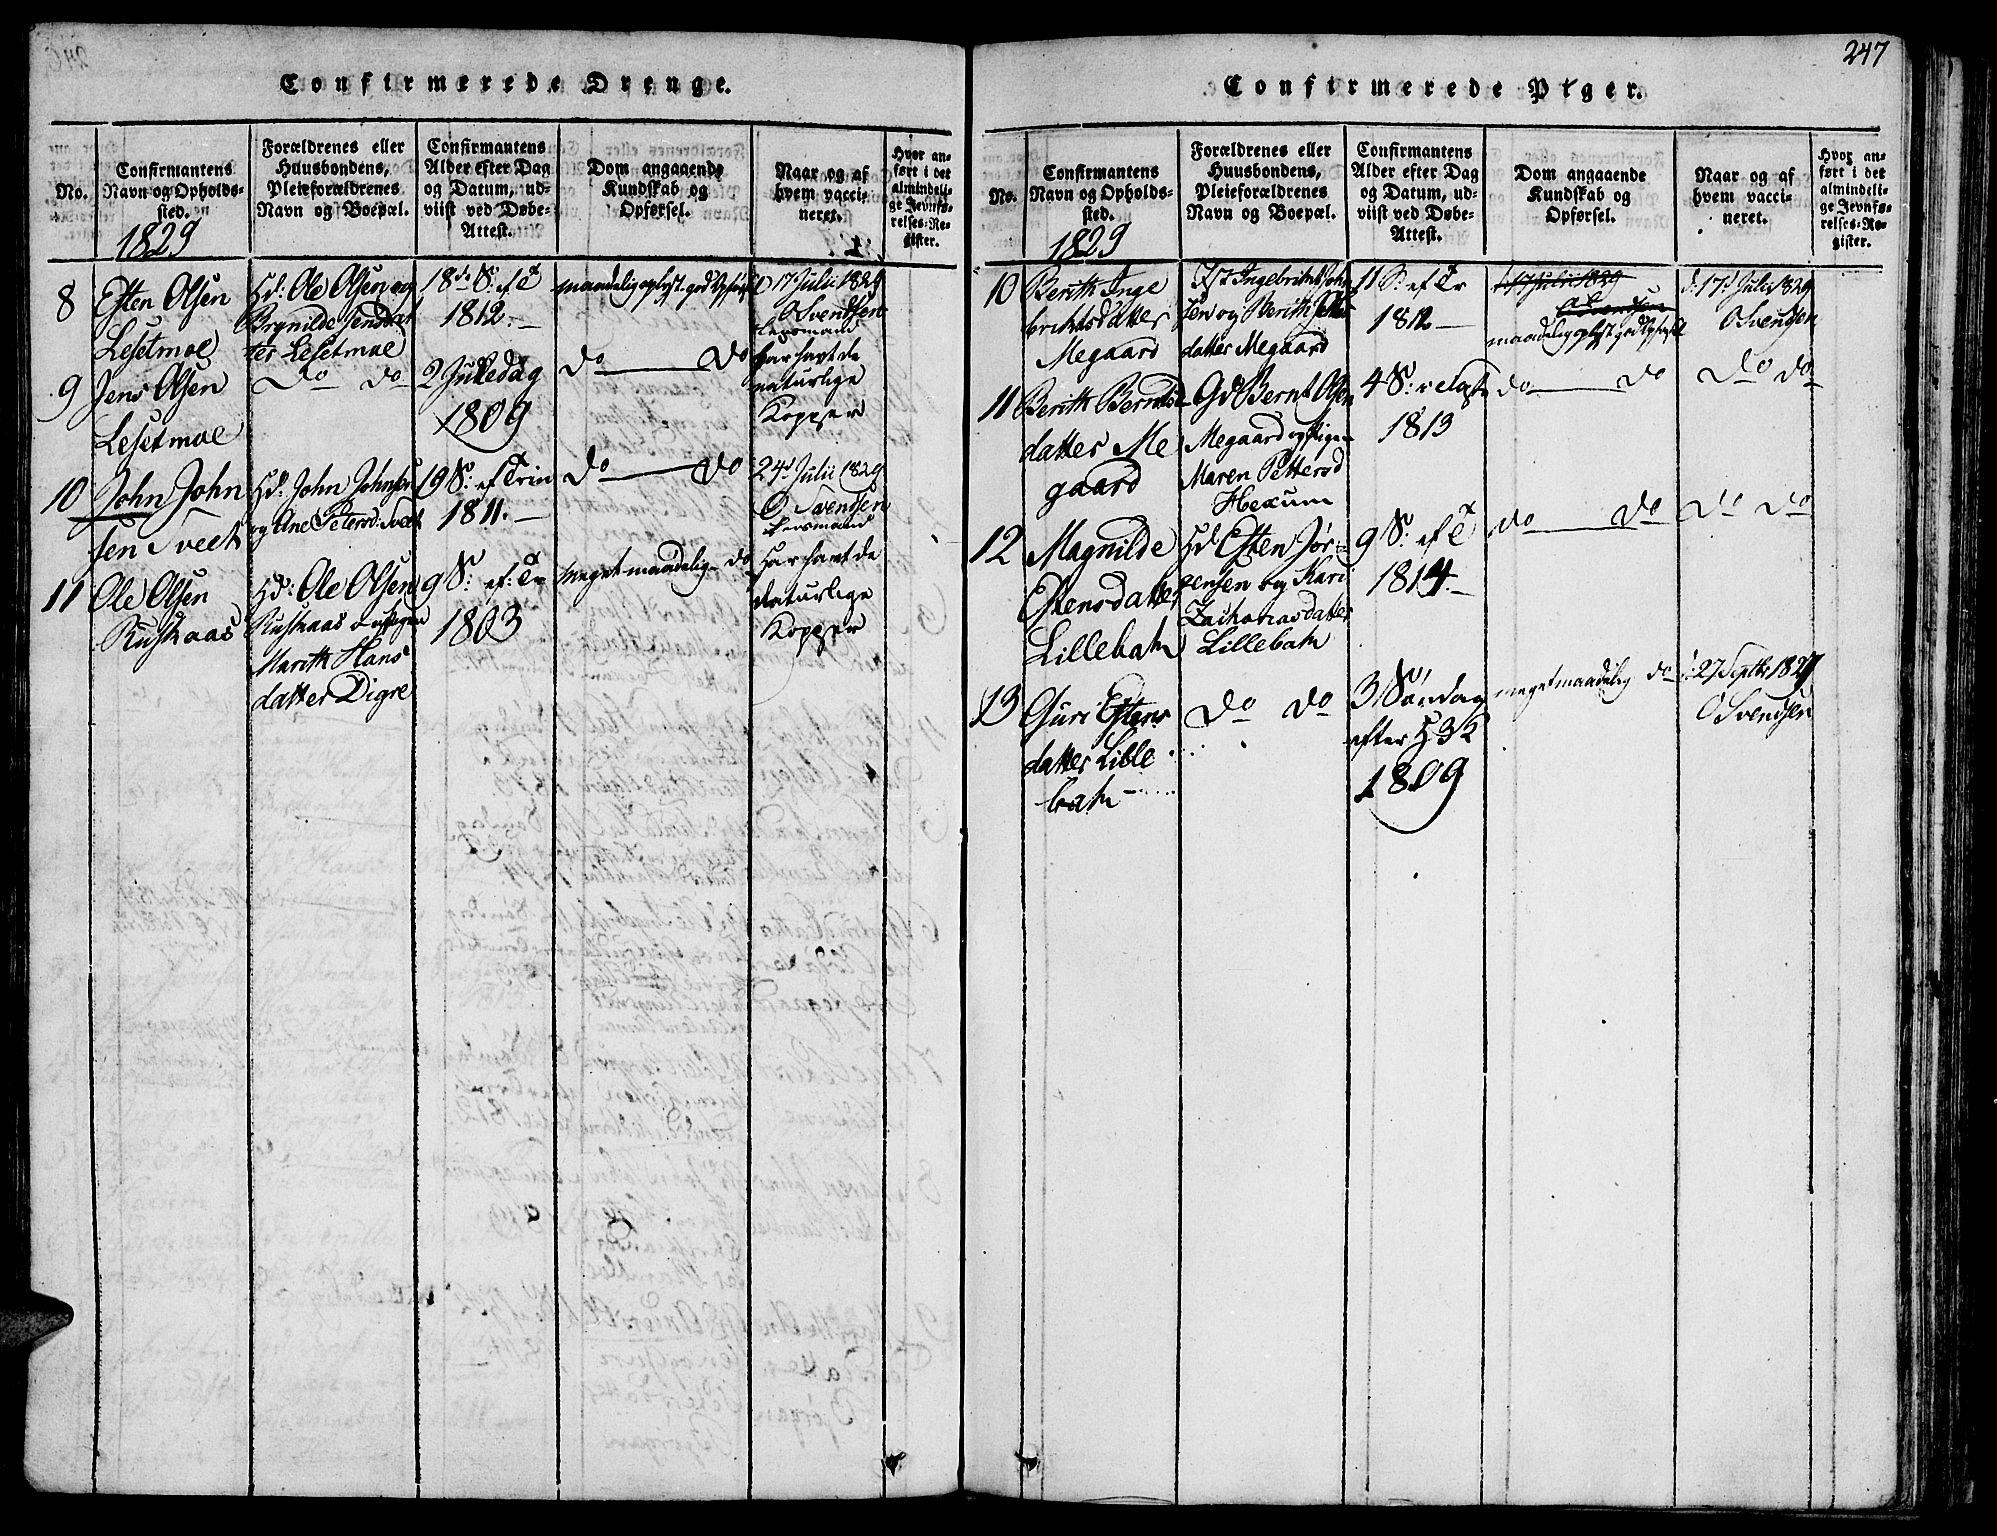 SAT, Ministerialprotokoller, klokkerbøker og fødselsregistre - Sør-Trøndelag, 685/L0954: Ministerialbok nr. 685A03 /1, 1817-1829, s. 247